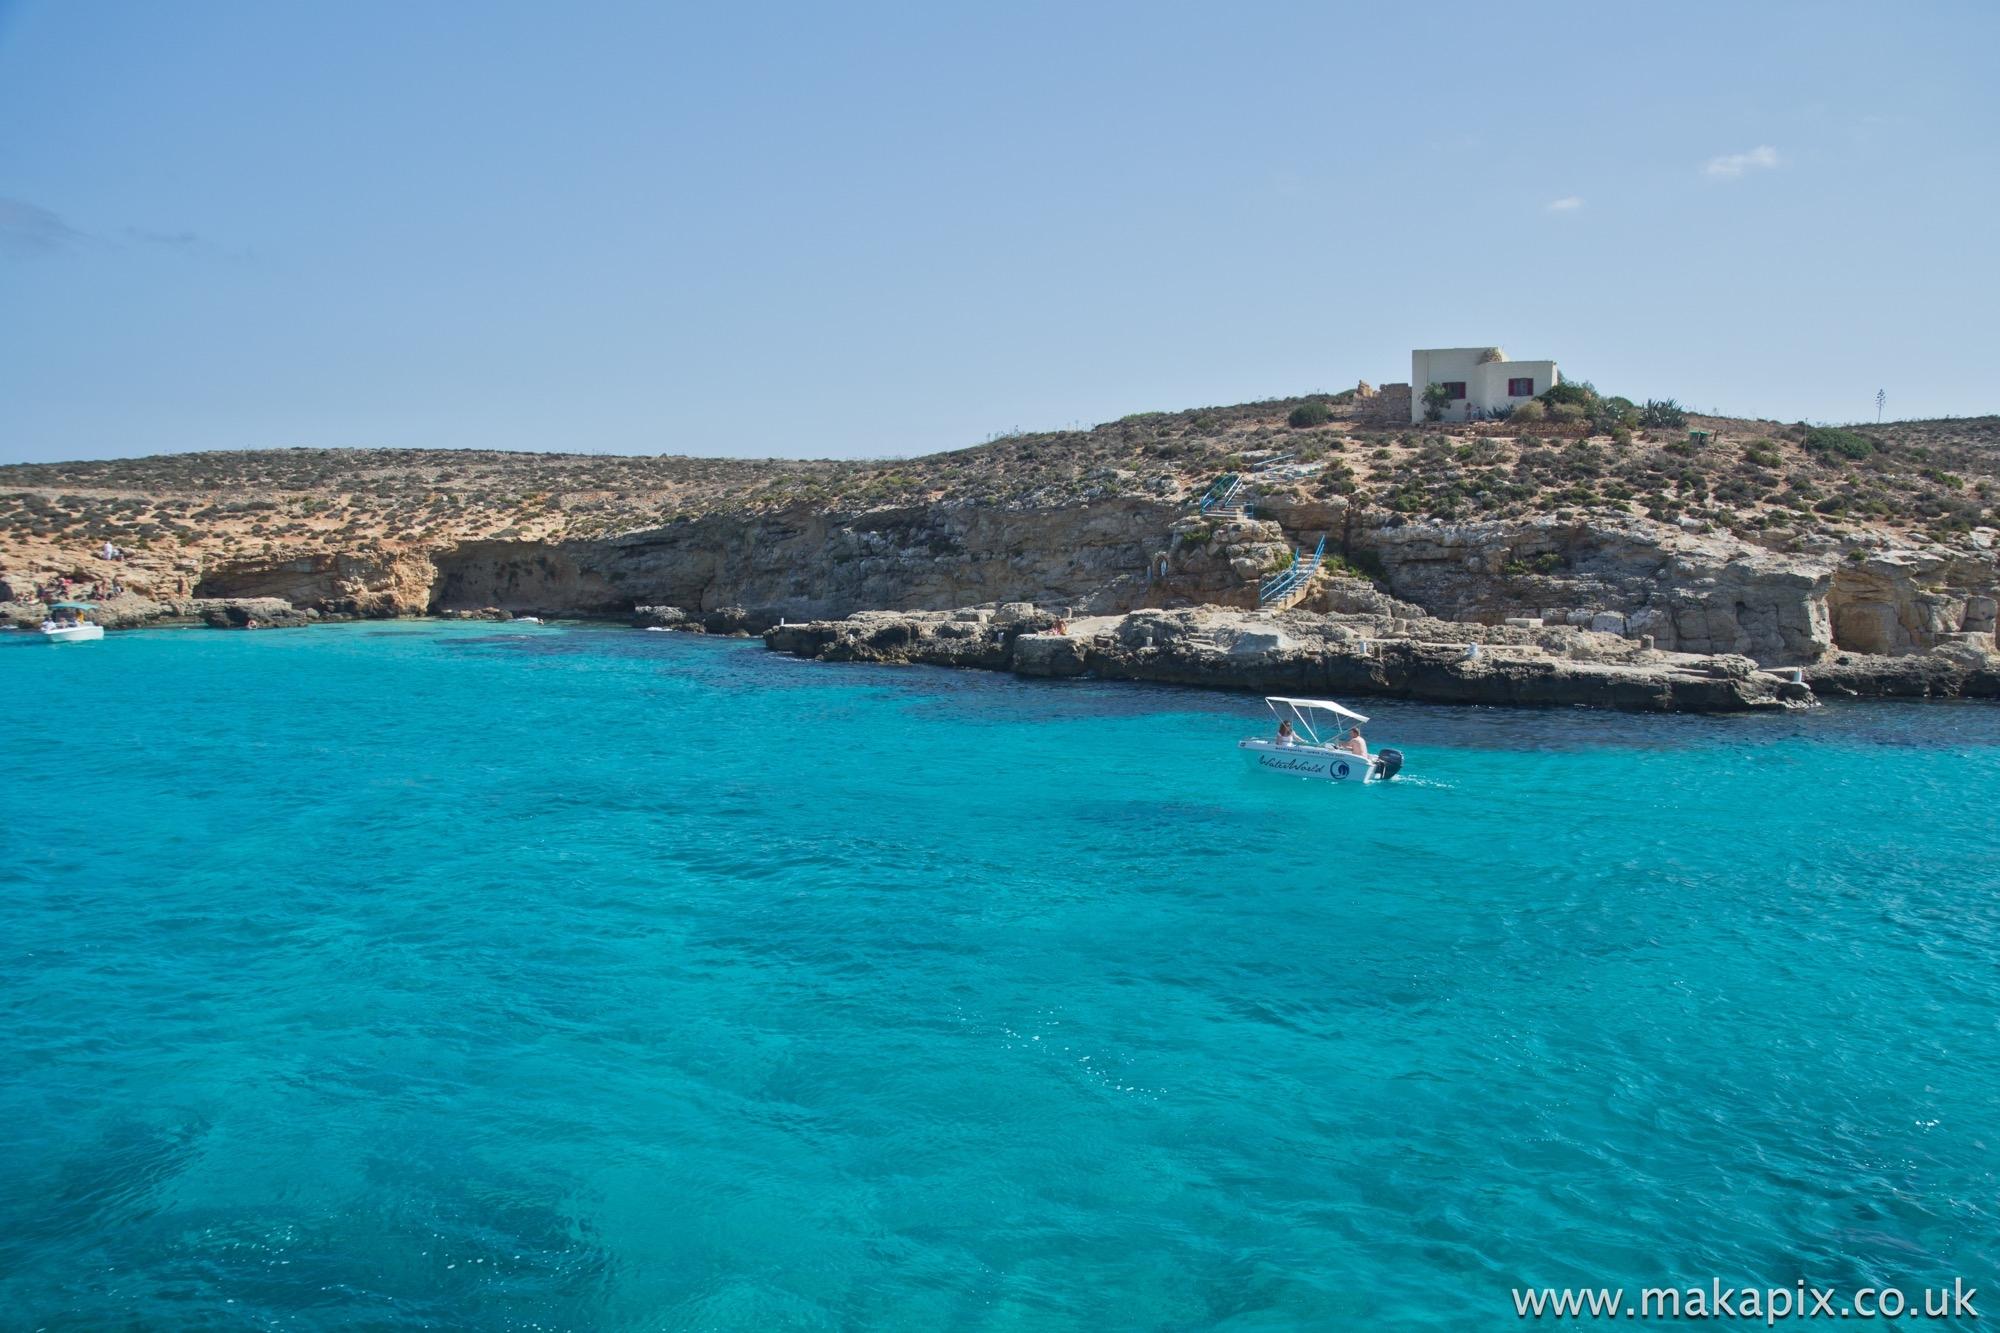 Malta-Blue Lagoon 2014